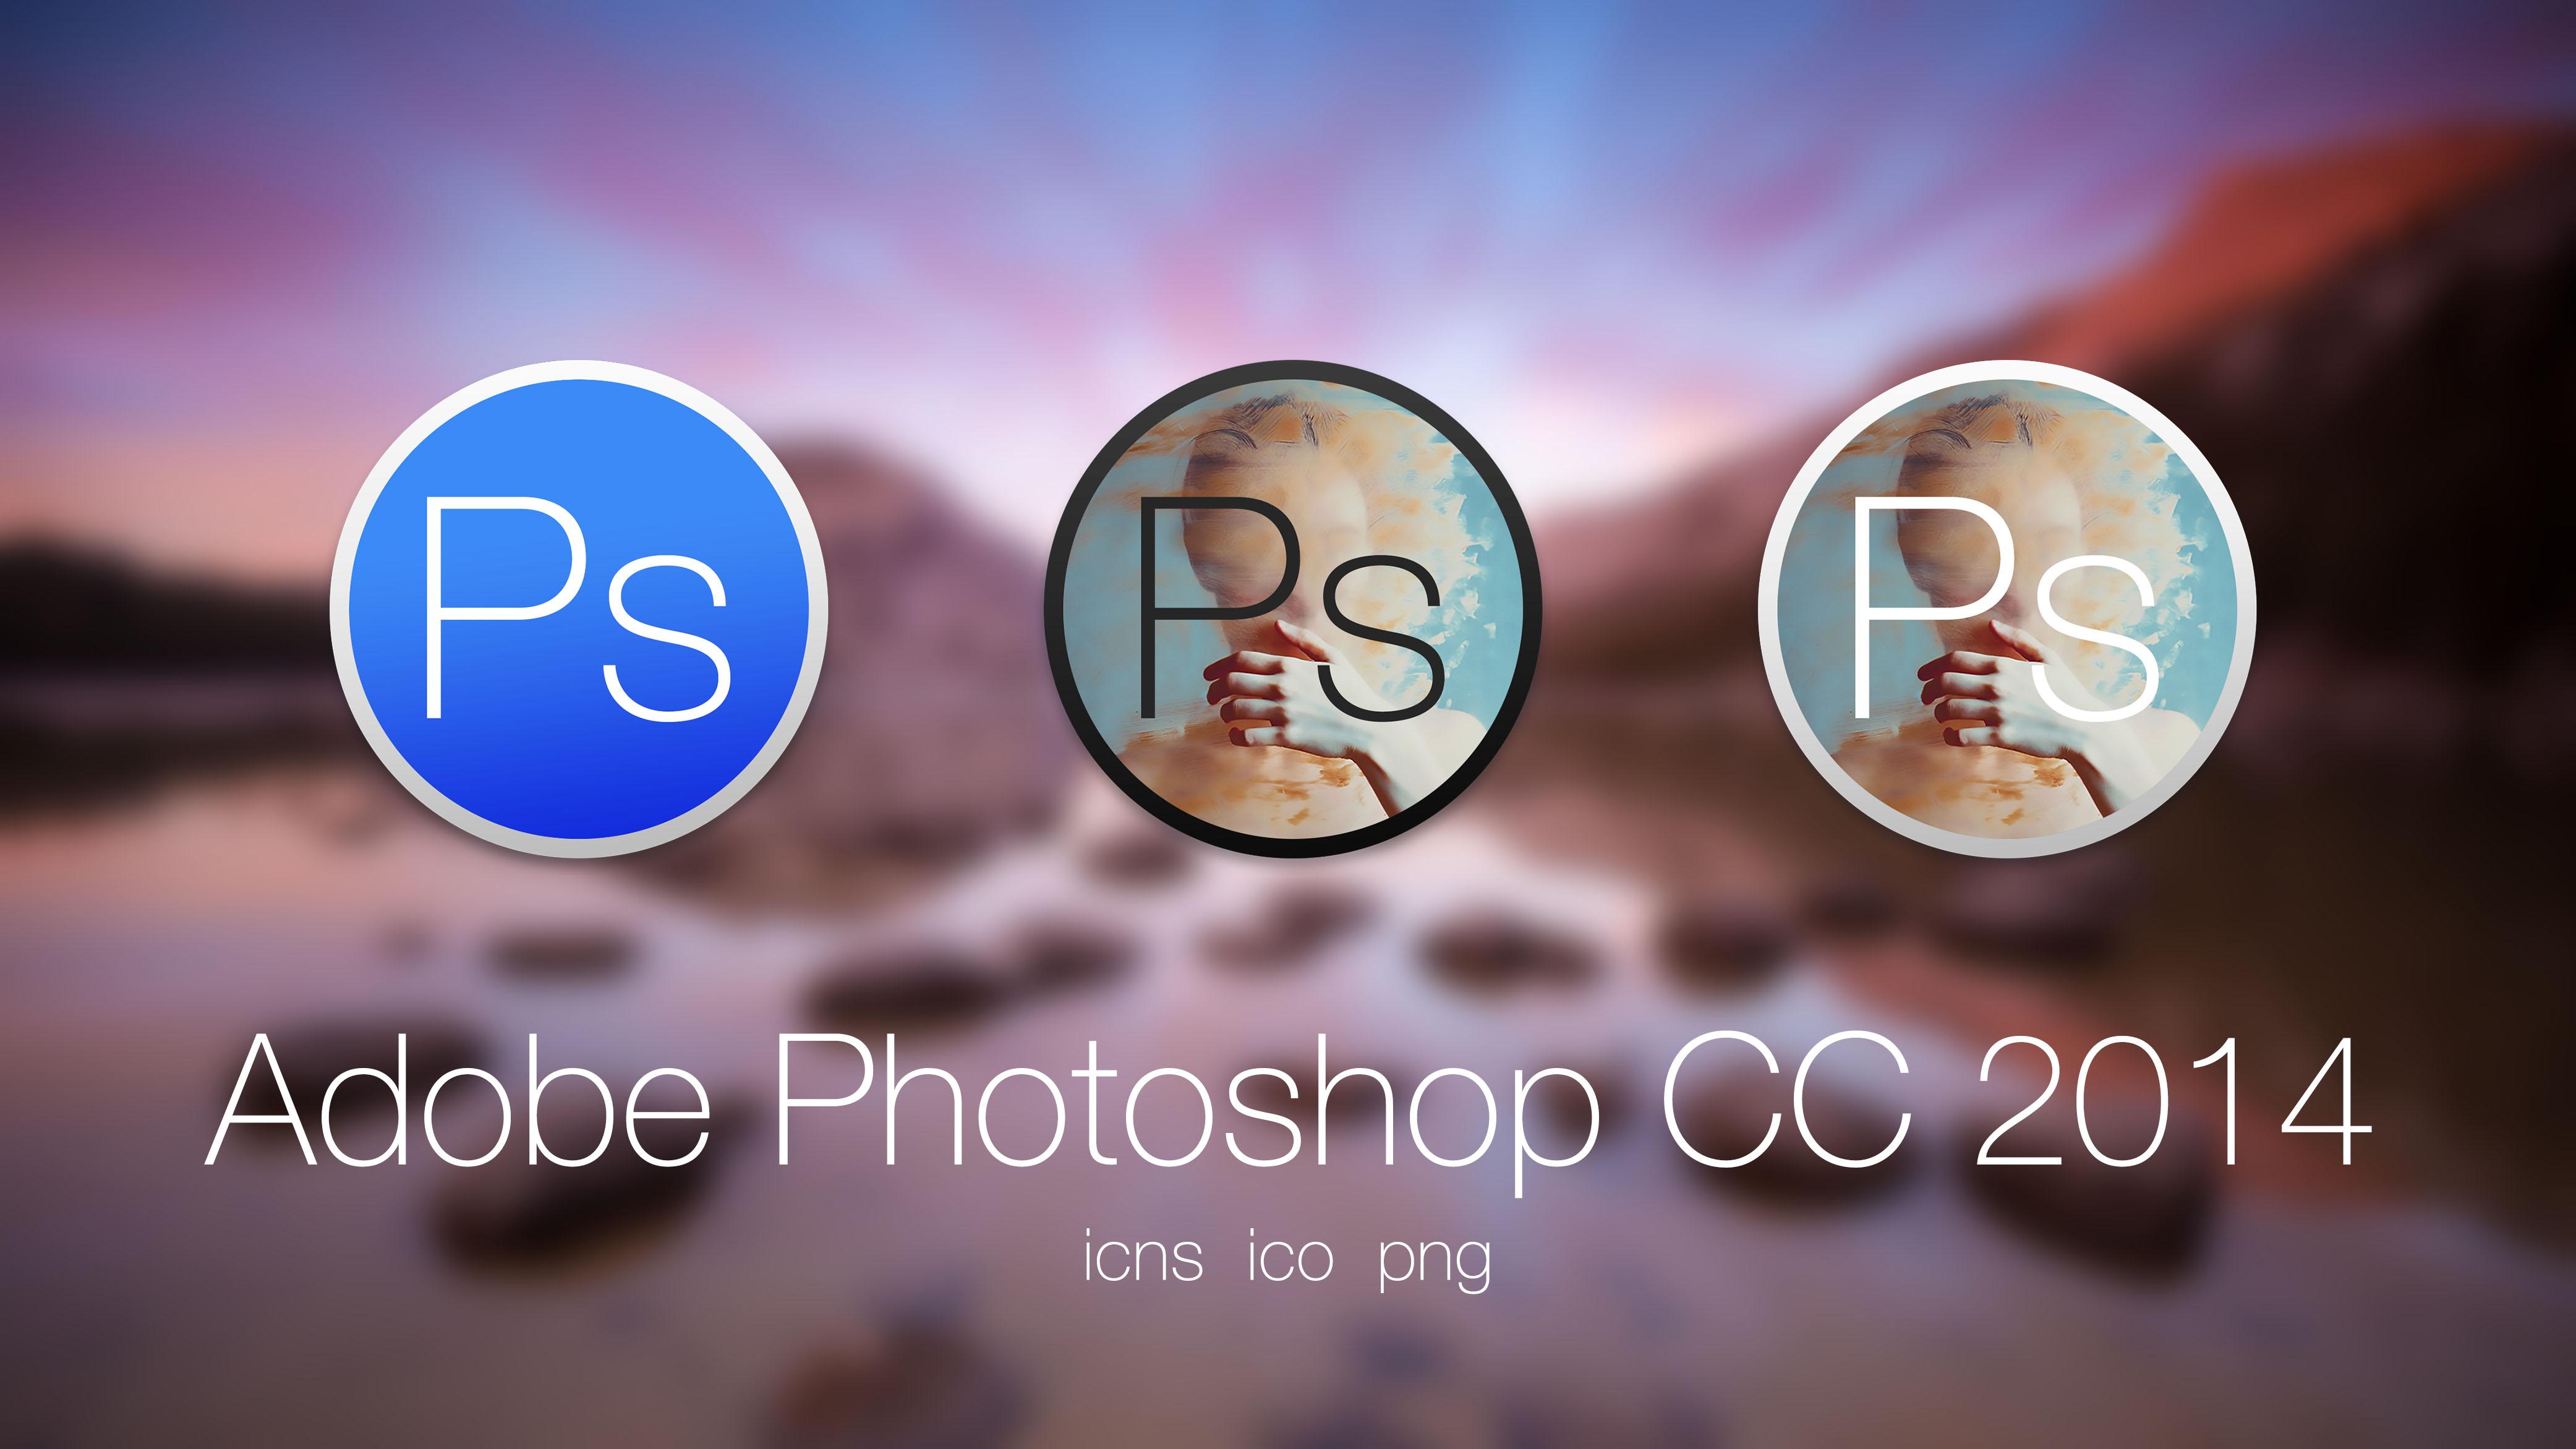 Adobe photoshop cc 2014 for mac os x